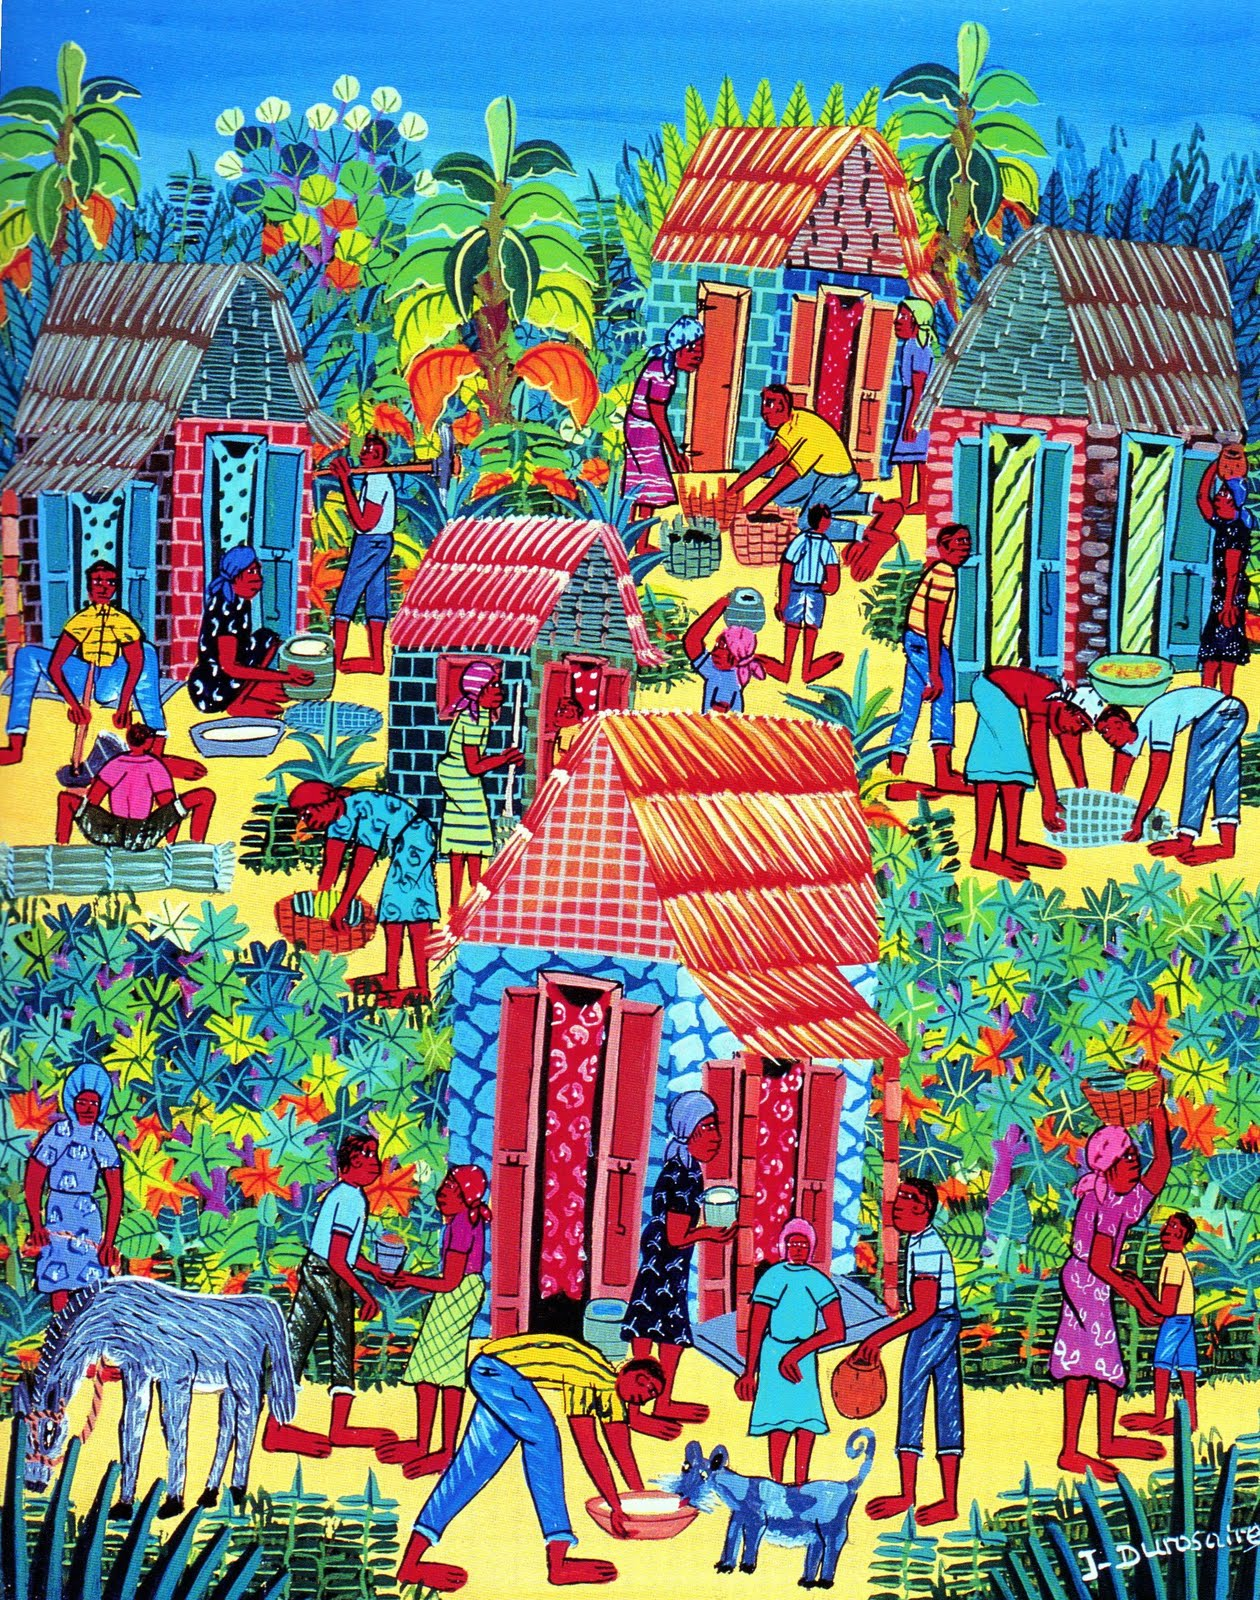 Cheryl Briard Illustrator: THE EXQUISITE ART OF HAITI